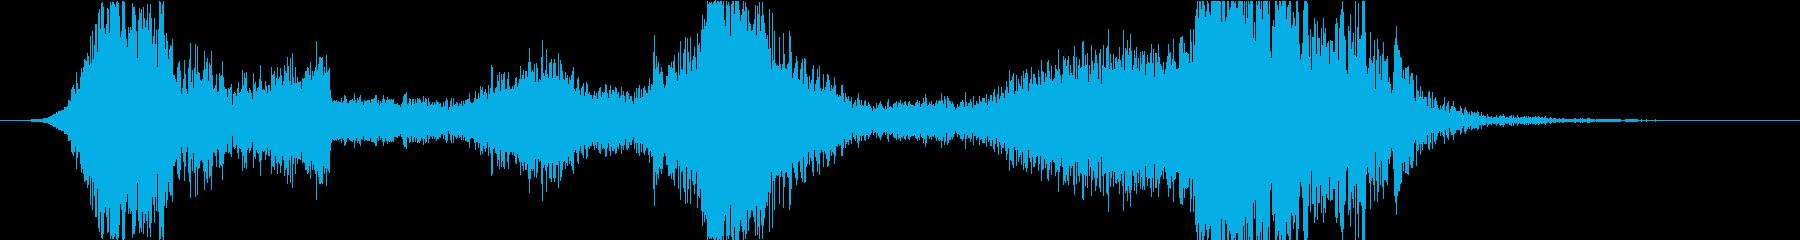 スペル 邪悪な闇02の再生済みの波形